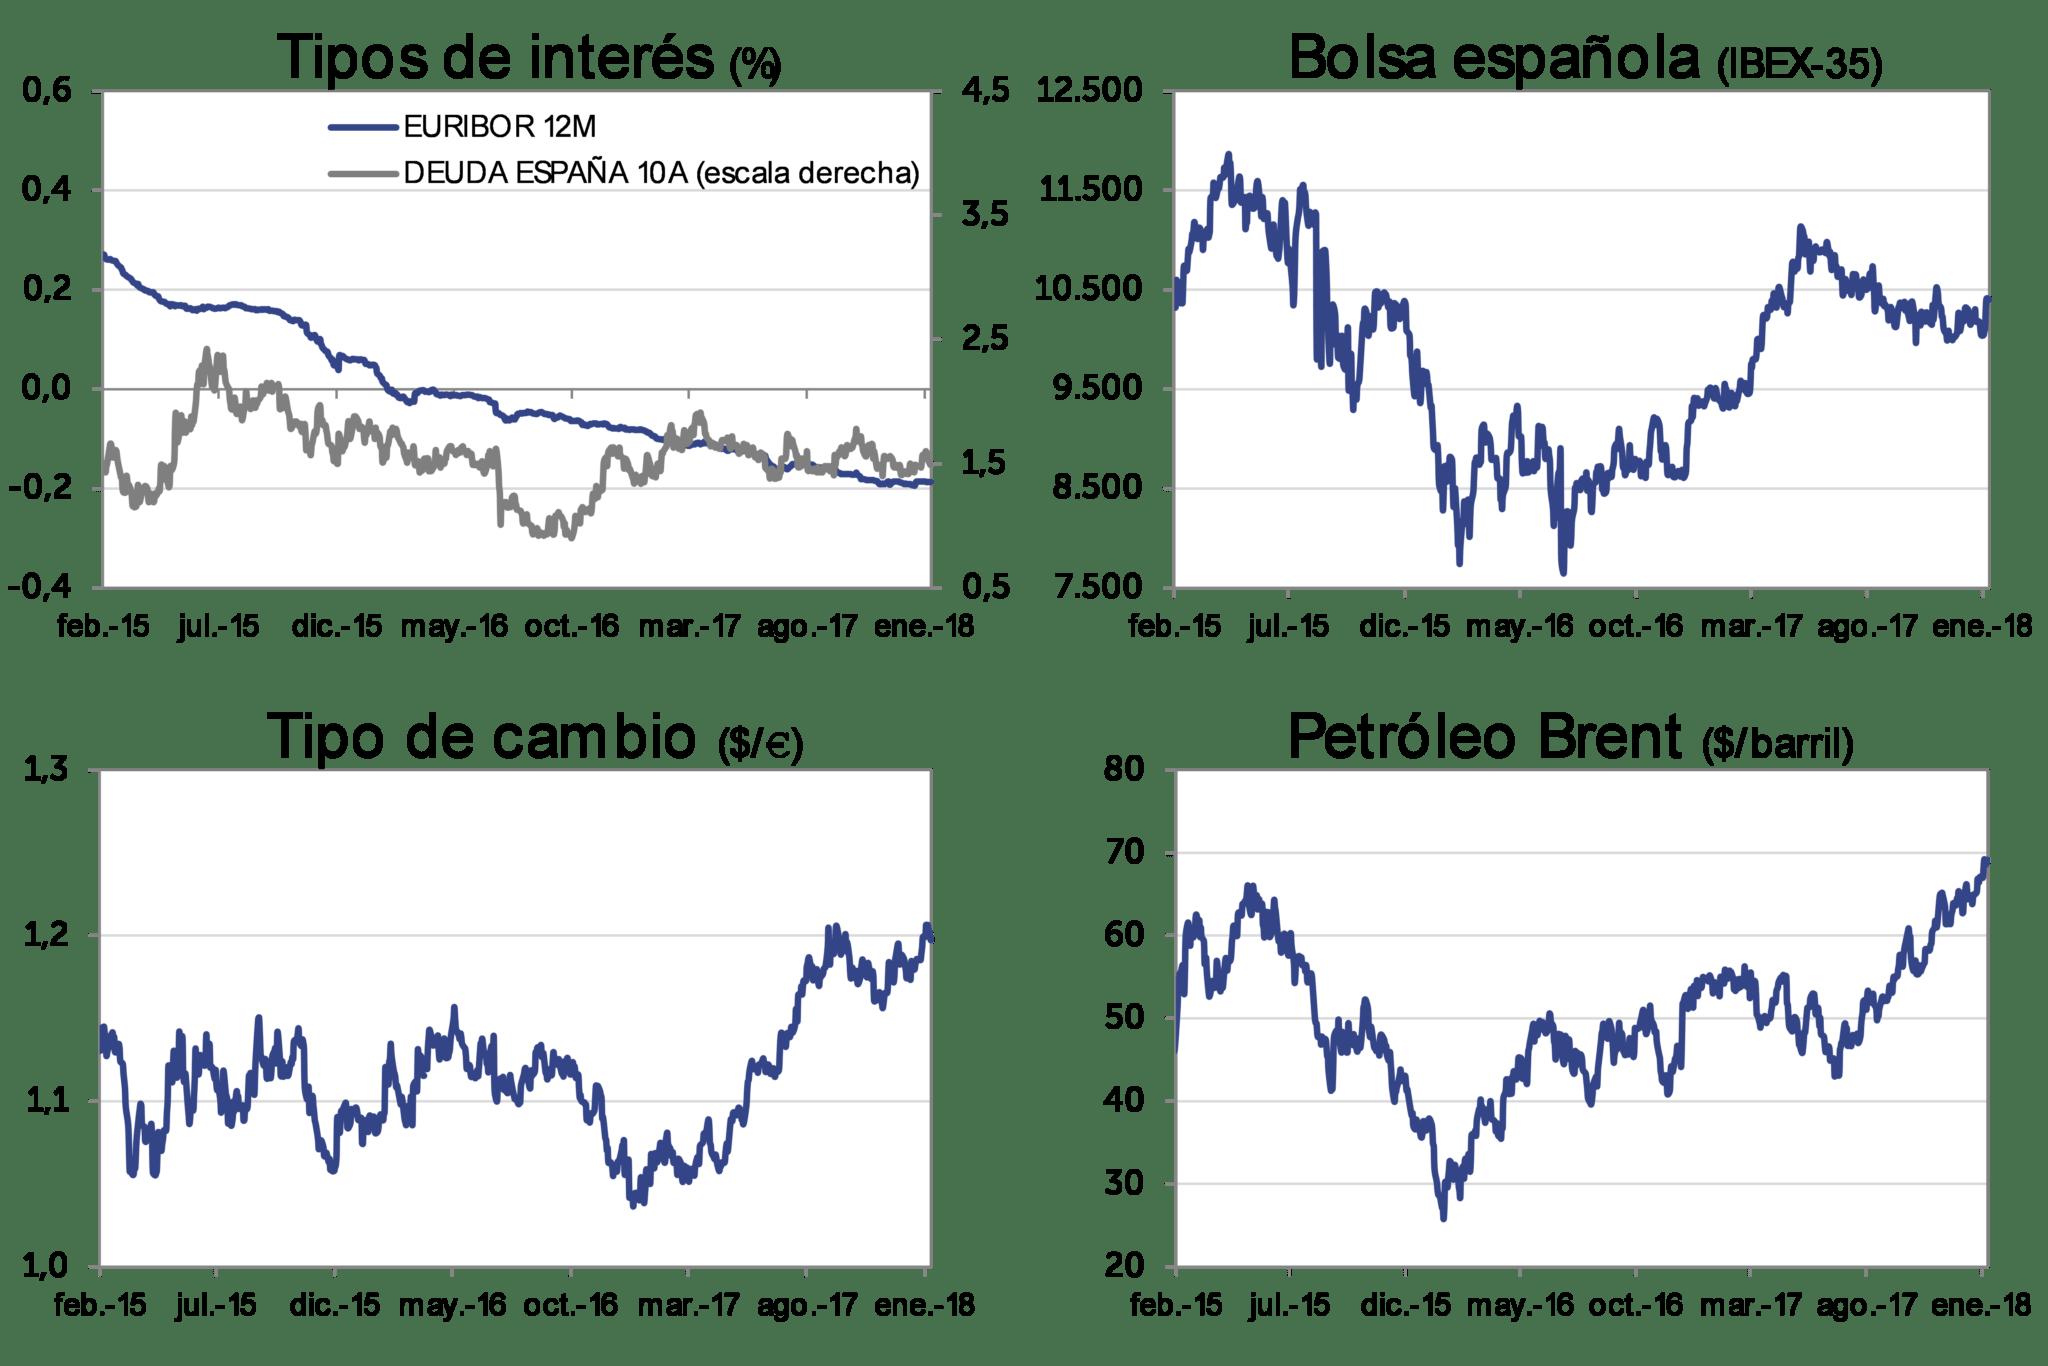 Evolución Mercado ene-2018: Tipos de interés, bolsa española (IBEX-35), Tipo de cambio (dolar/euro), Petróleo Brent (dolar/barril)